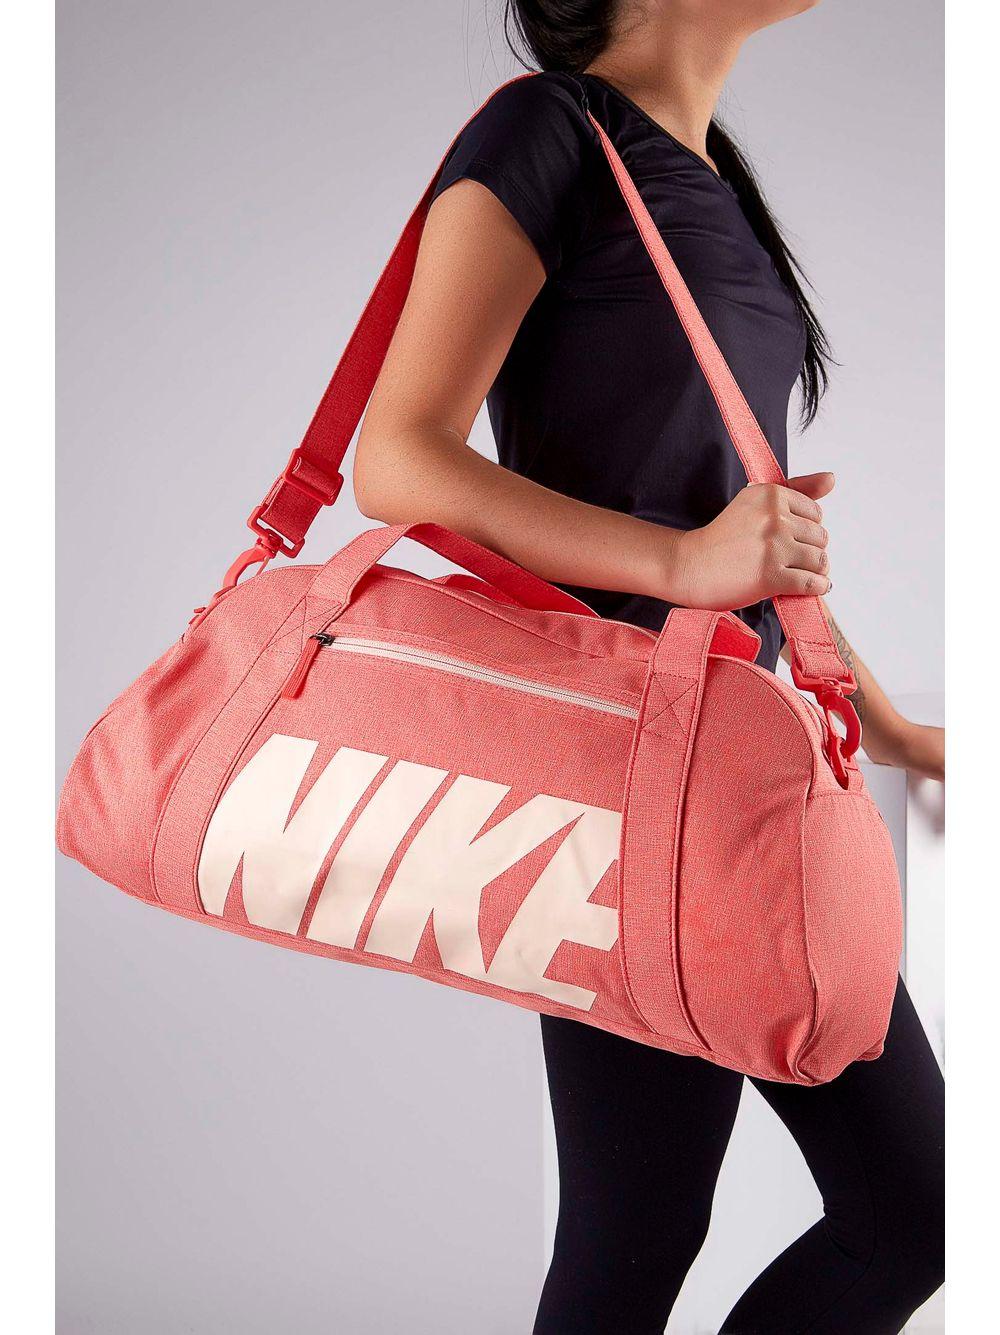 4b2114a48 Mala Duffel Gym Club Training Nike Rosa - pittol